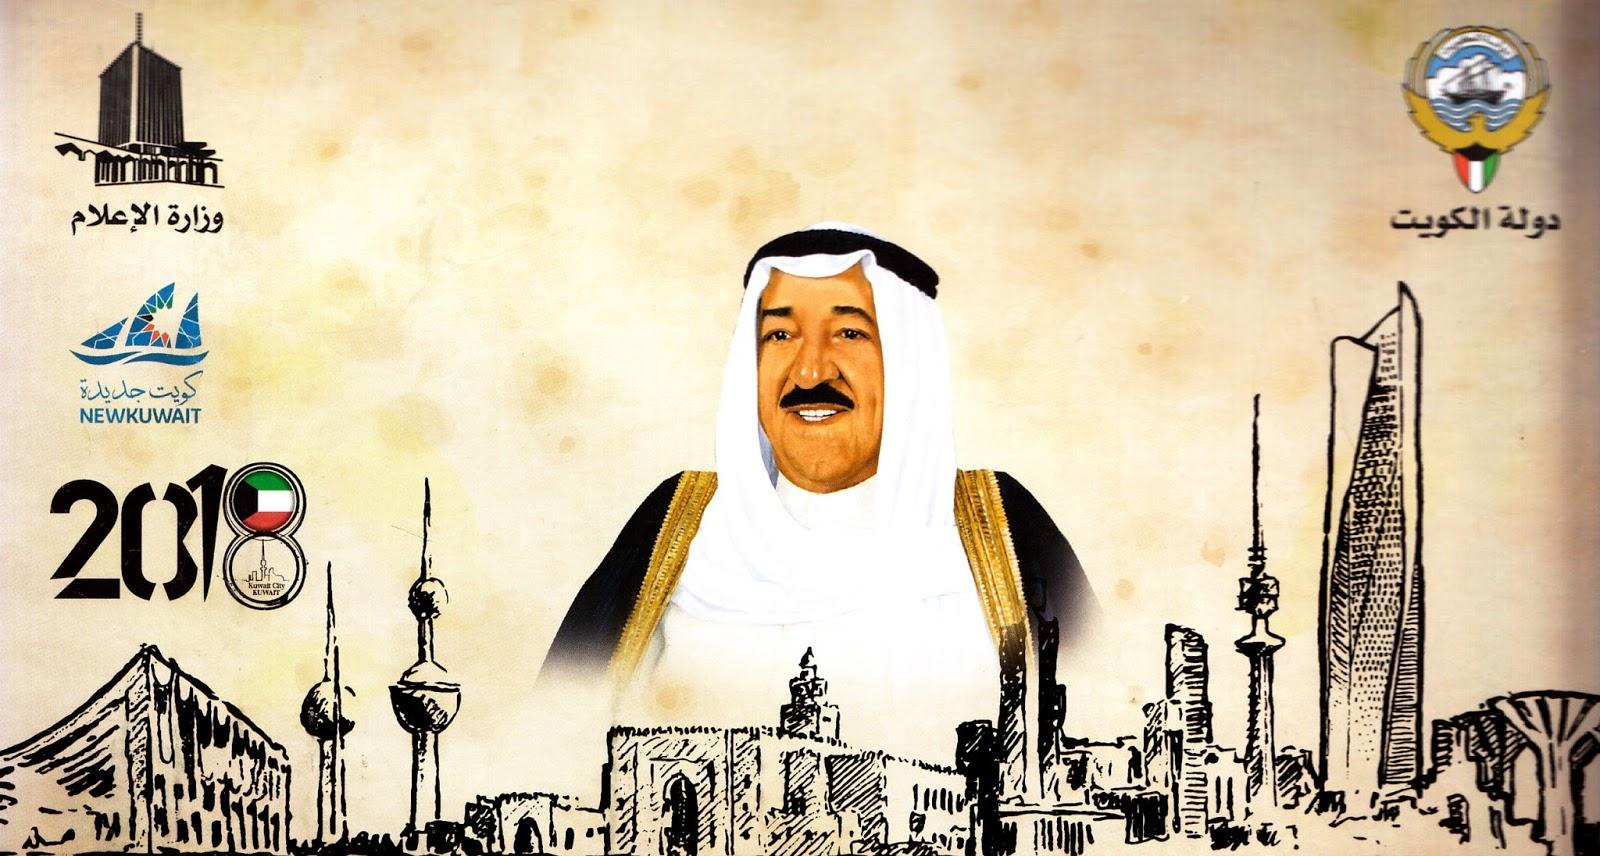 radio kuwait 2018 calendar